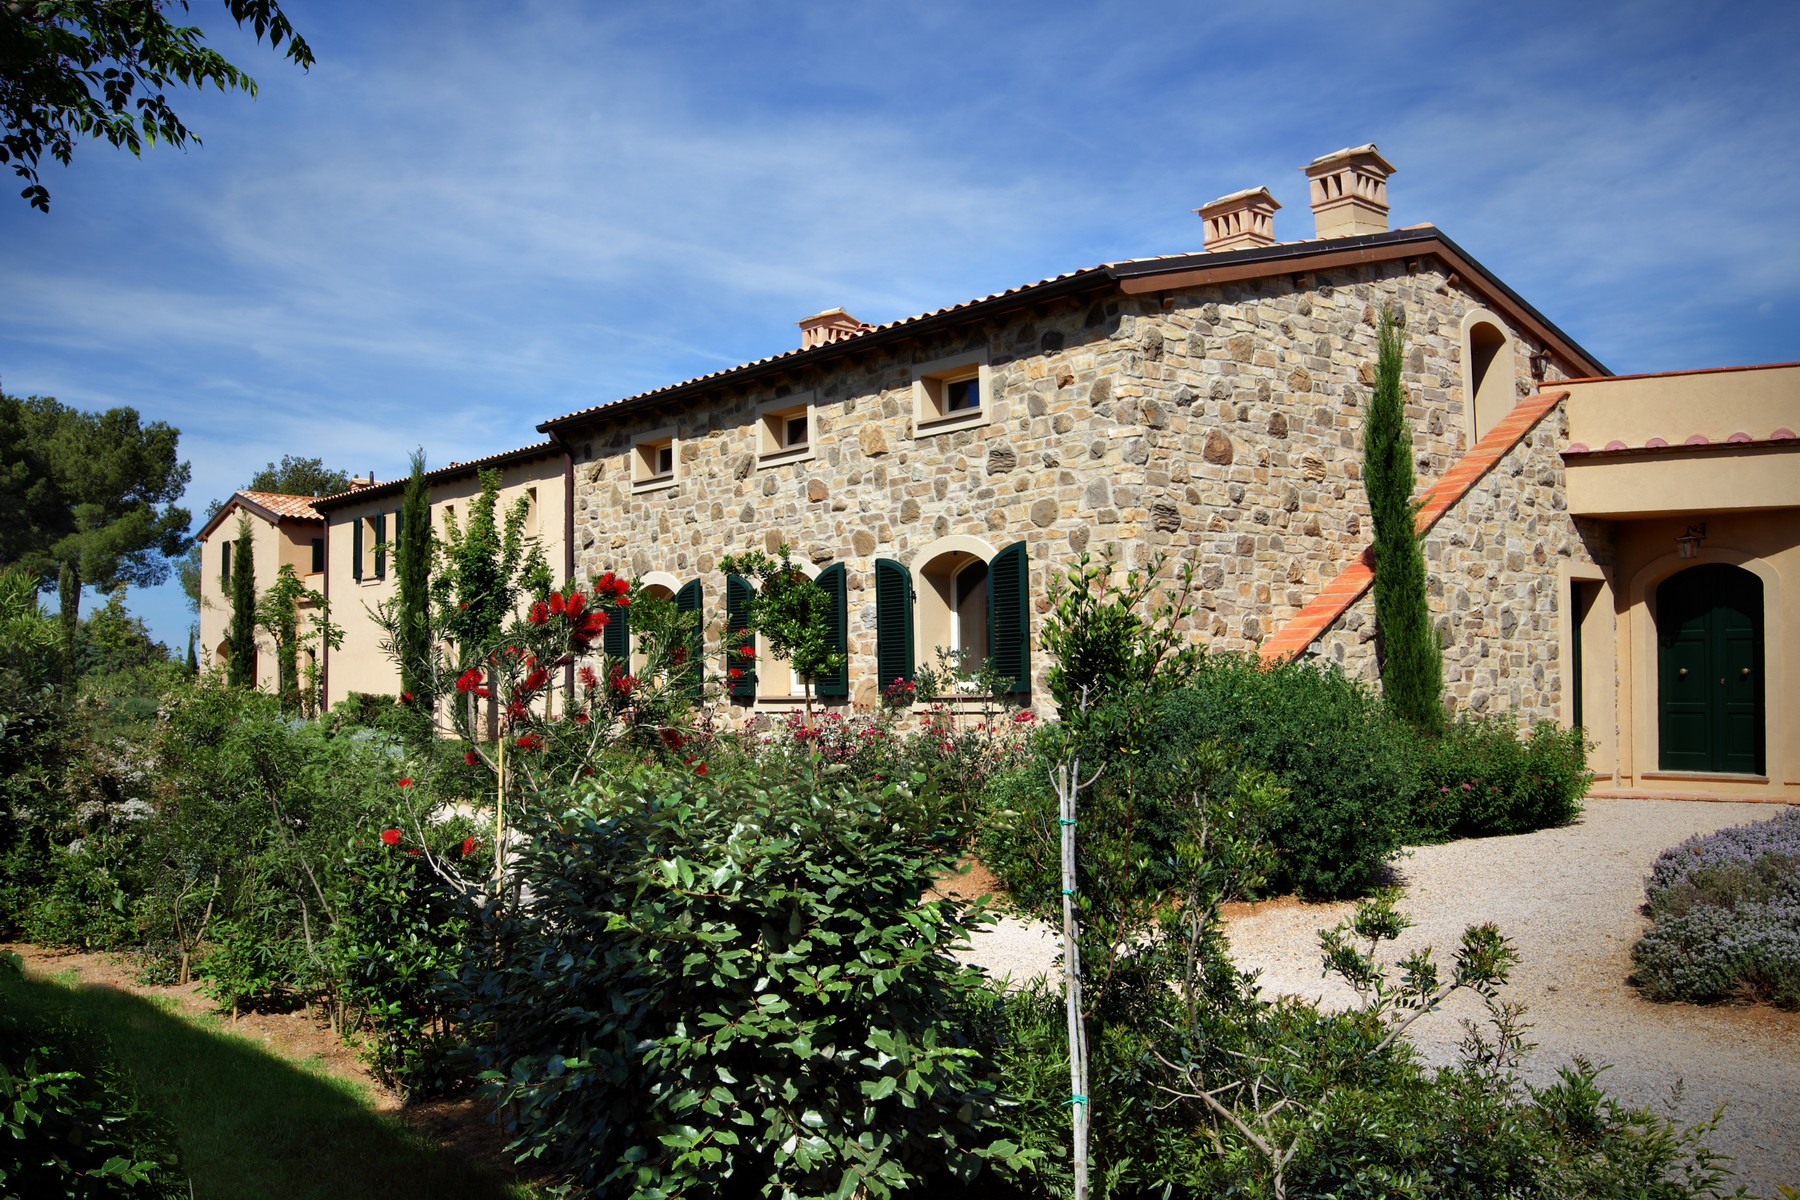 Appartamento in Vendita a Gavorrano: 4 locali, 149 mq - Foto 1